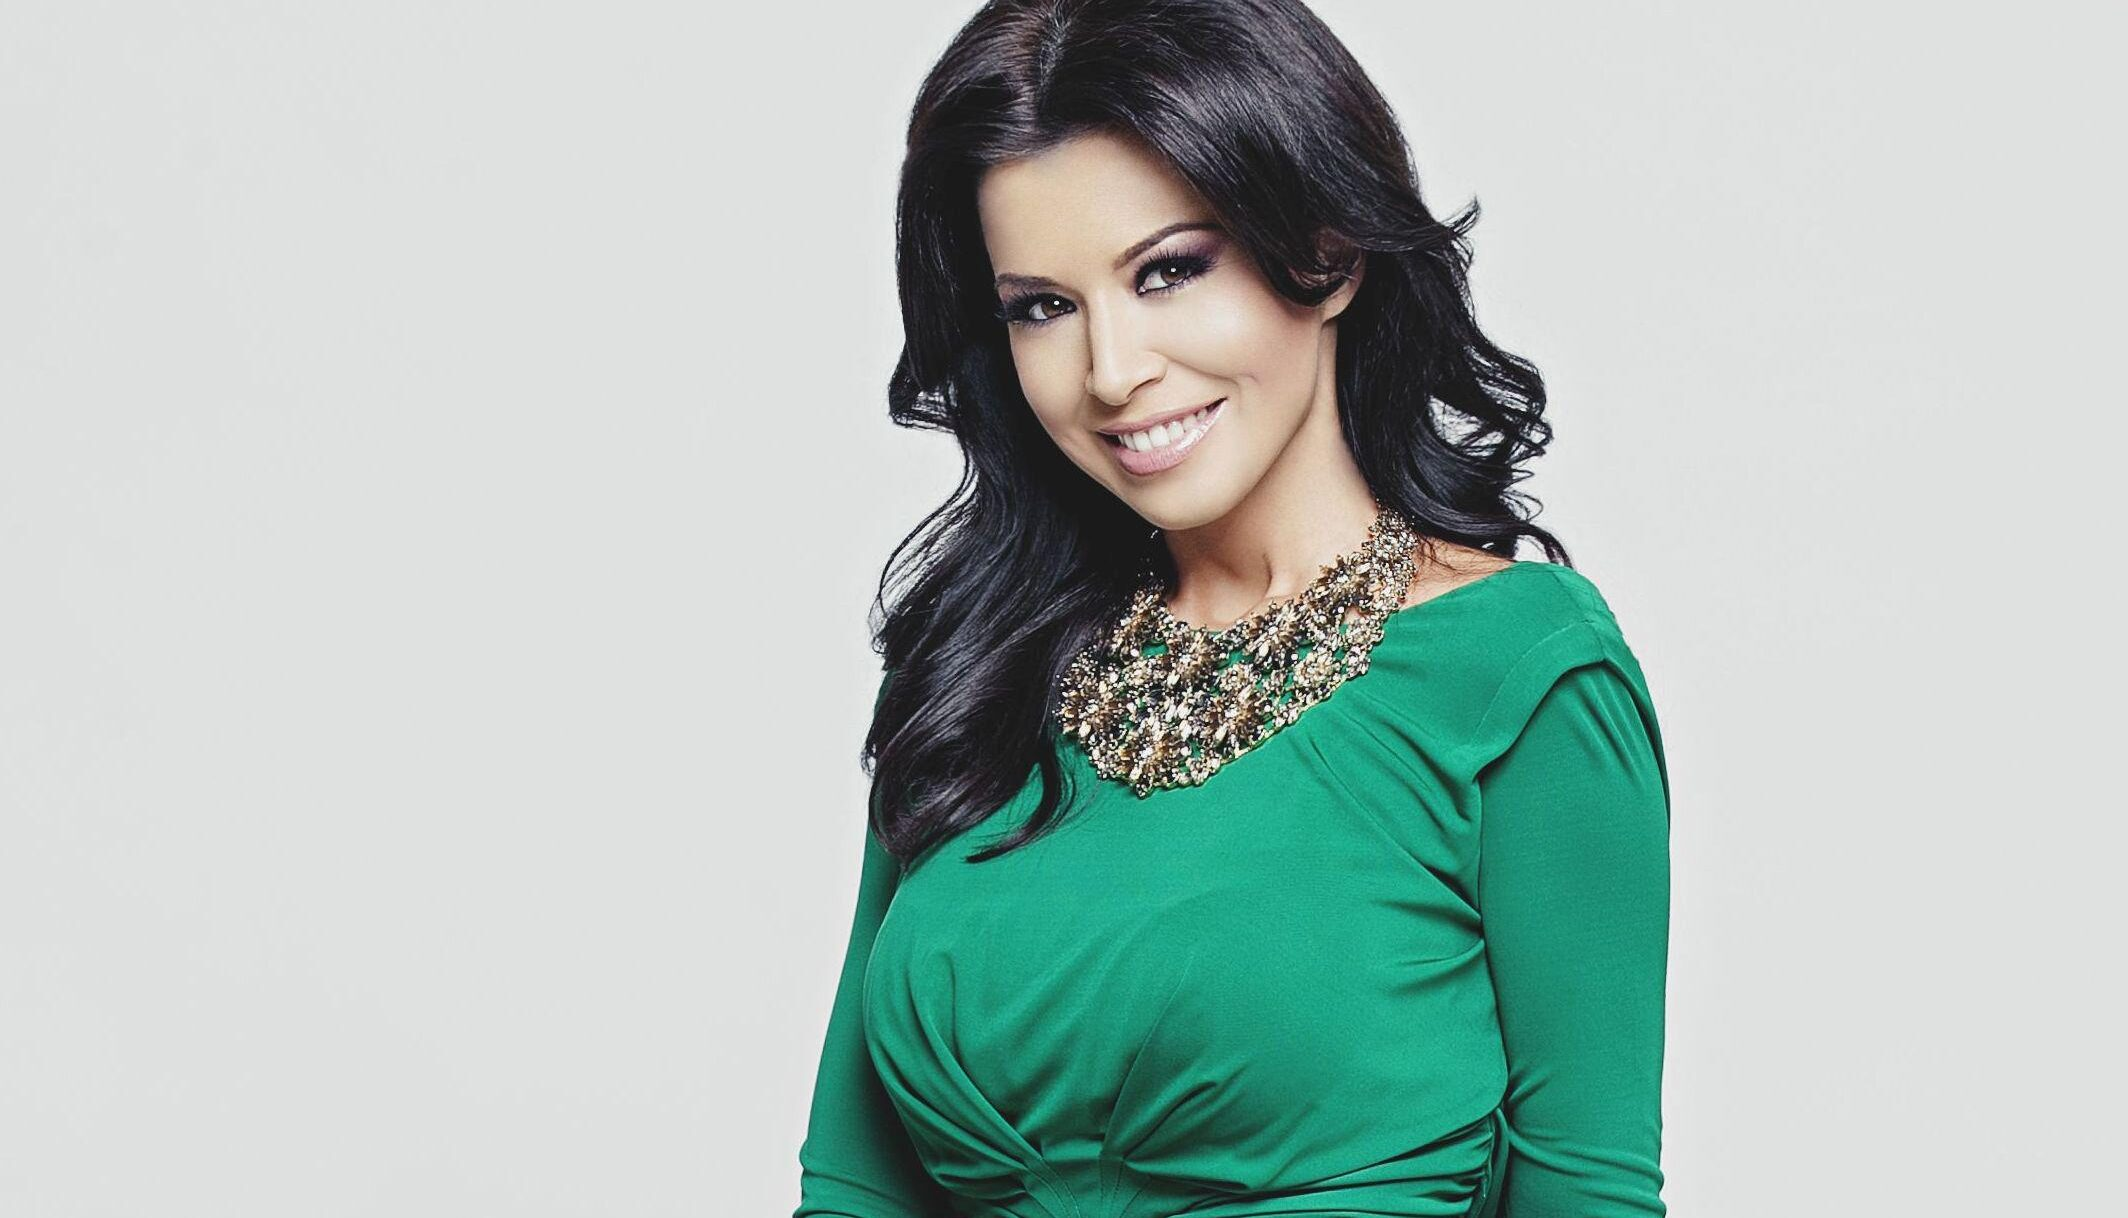 Simona Pătruleasa a povestit despre viața ei ca prezentatoare TV. Ce altă meserie și-ar alege?